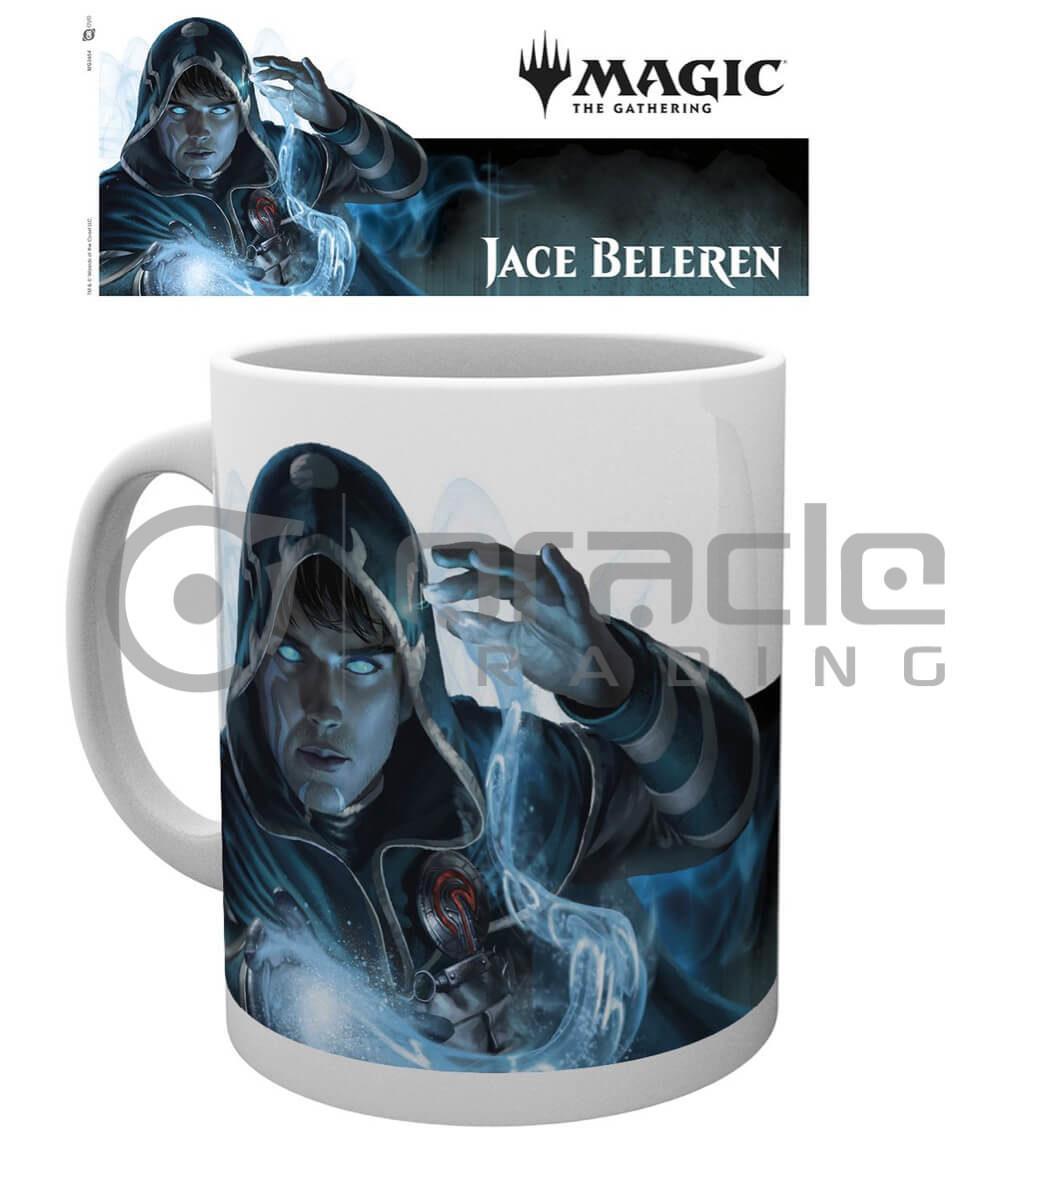 Magic the Gathering Mug - Jace